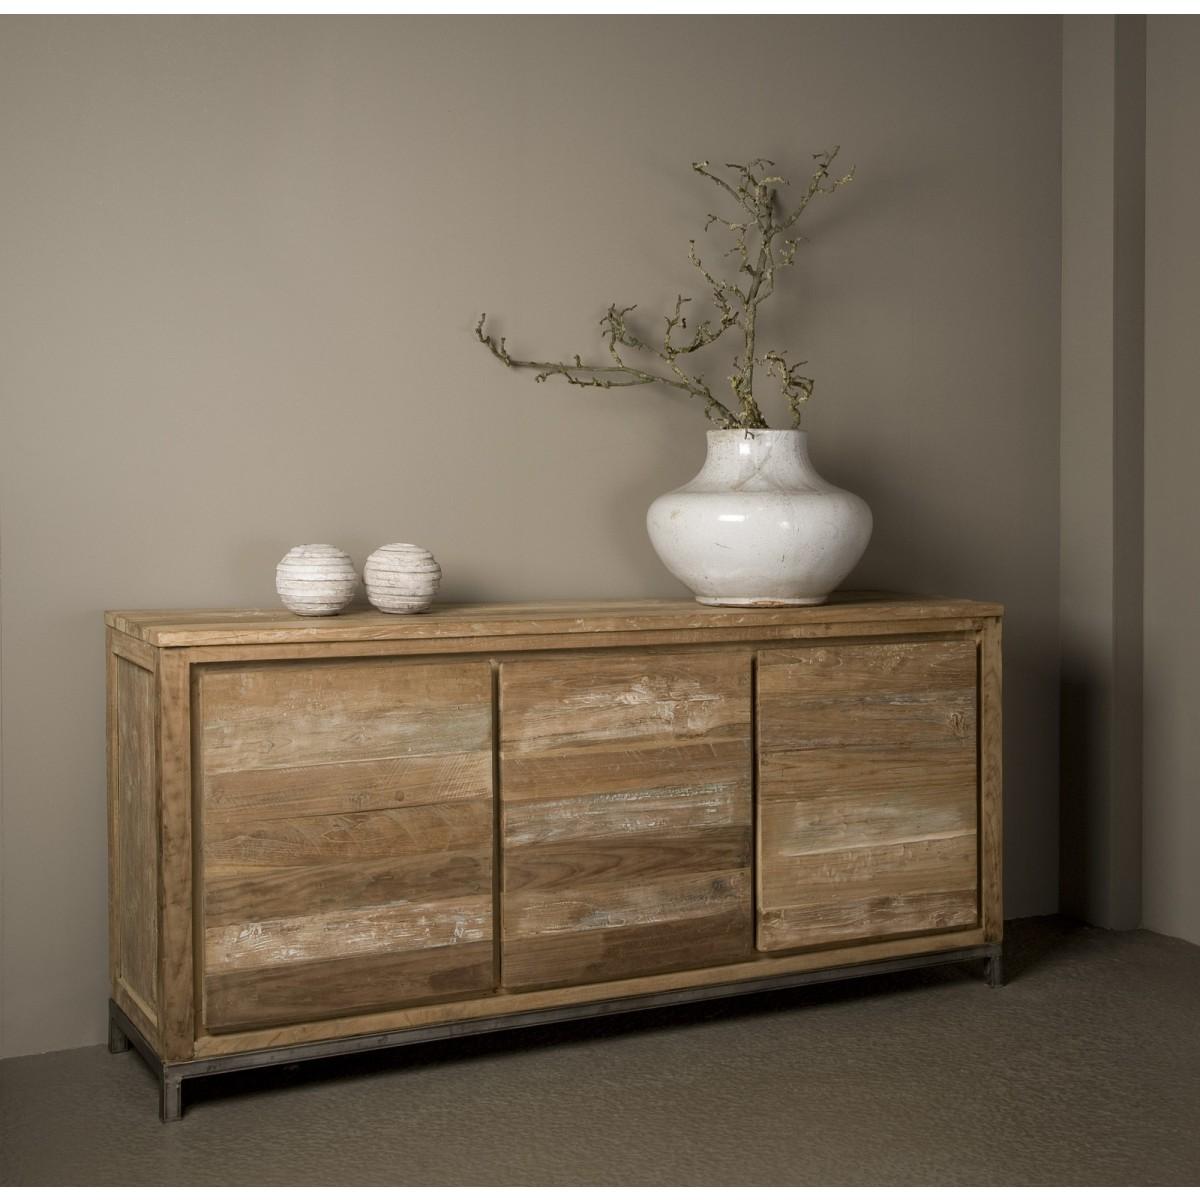 venetië-dressoir-recycled-teak-vintage-white-wash-metaal-pootstel